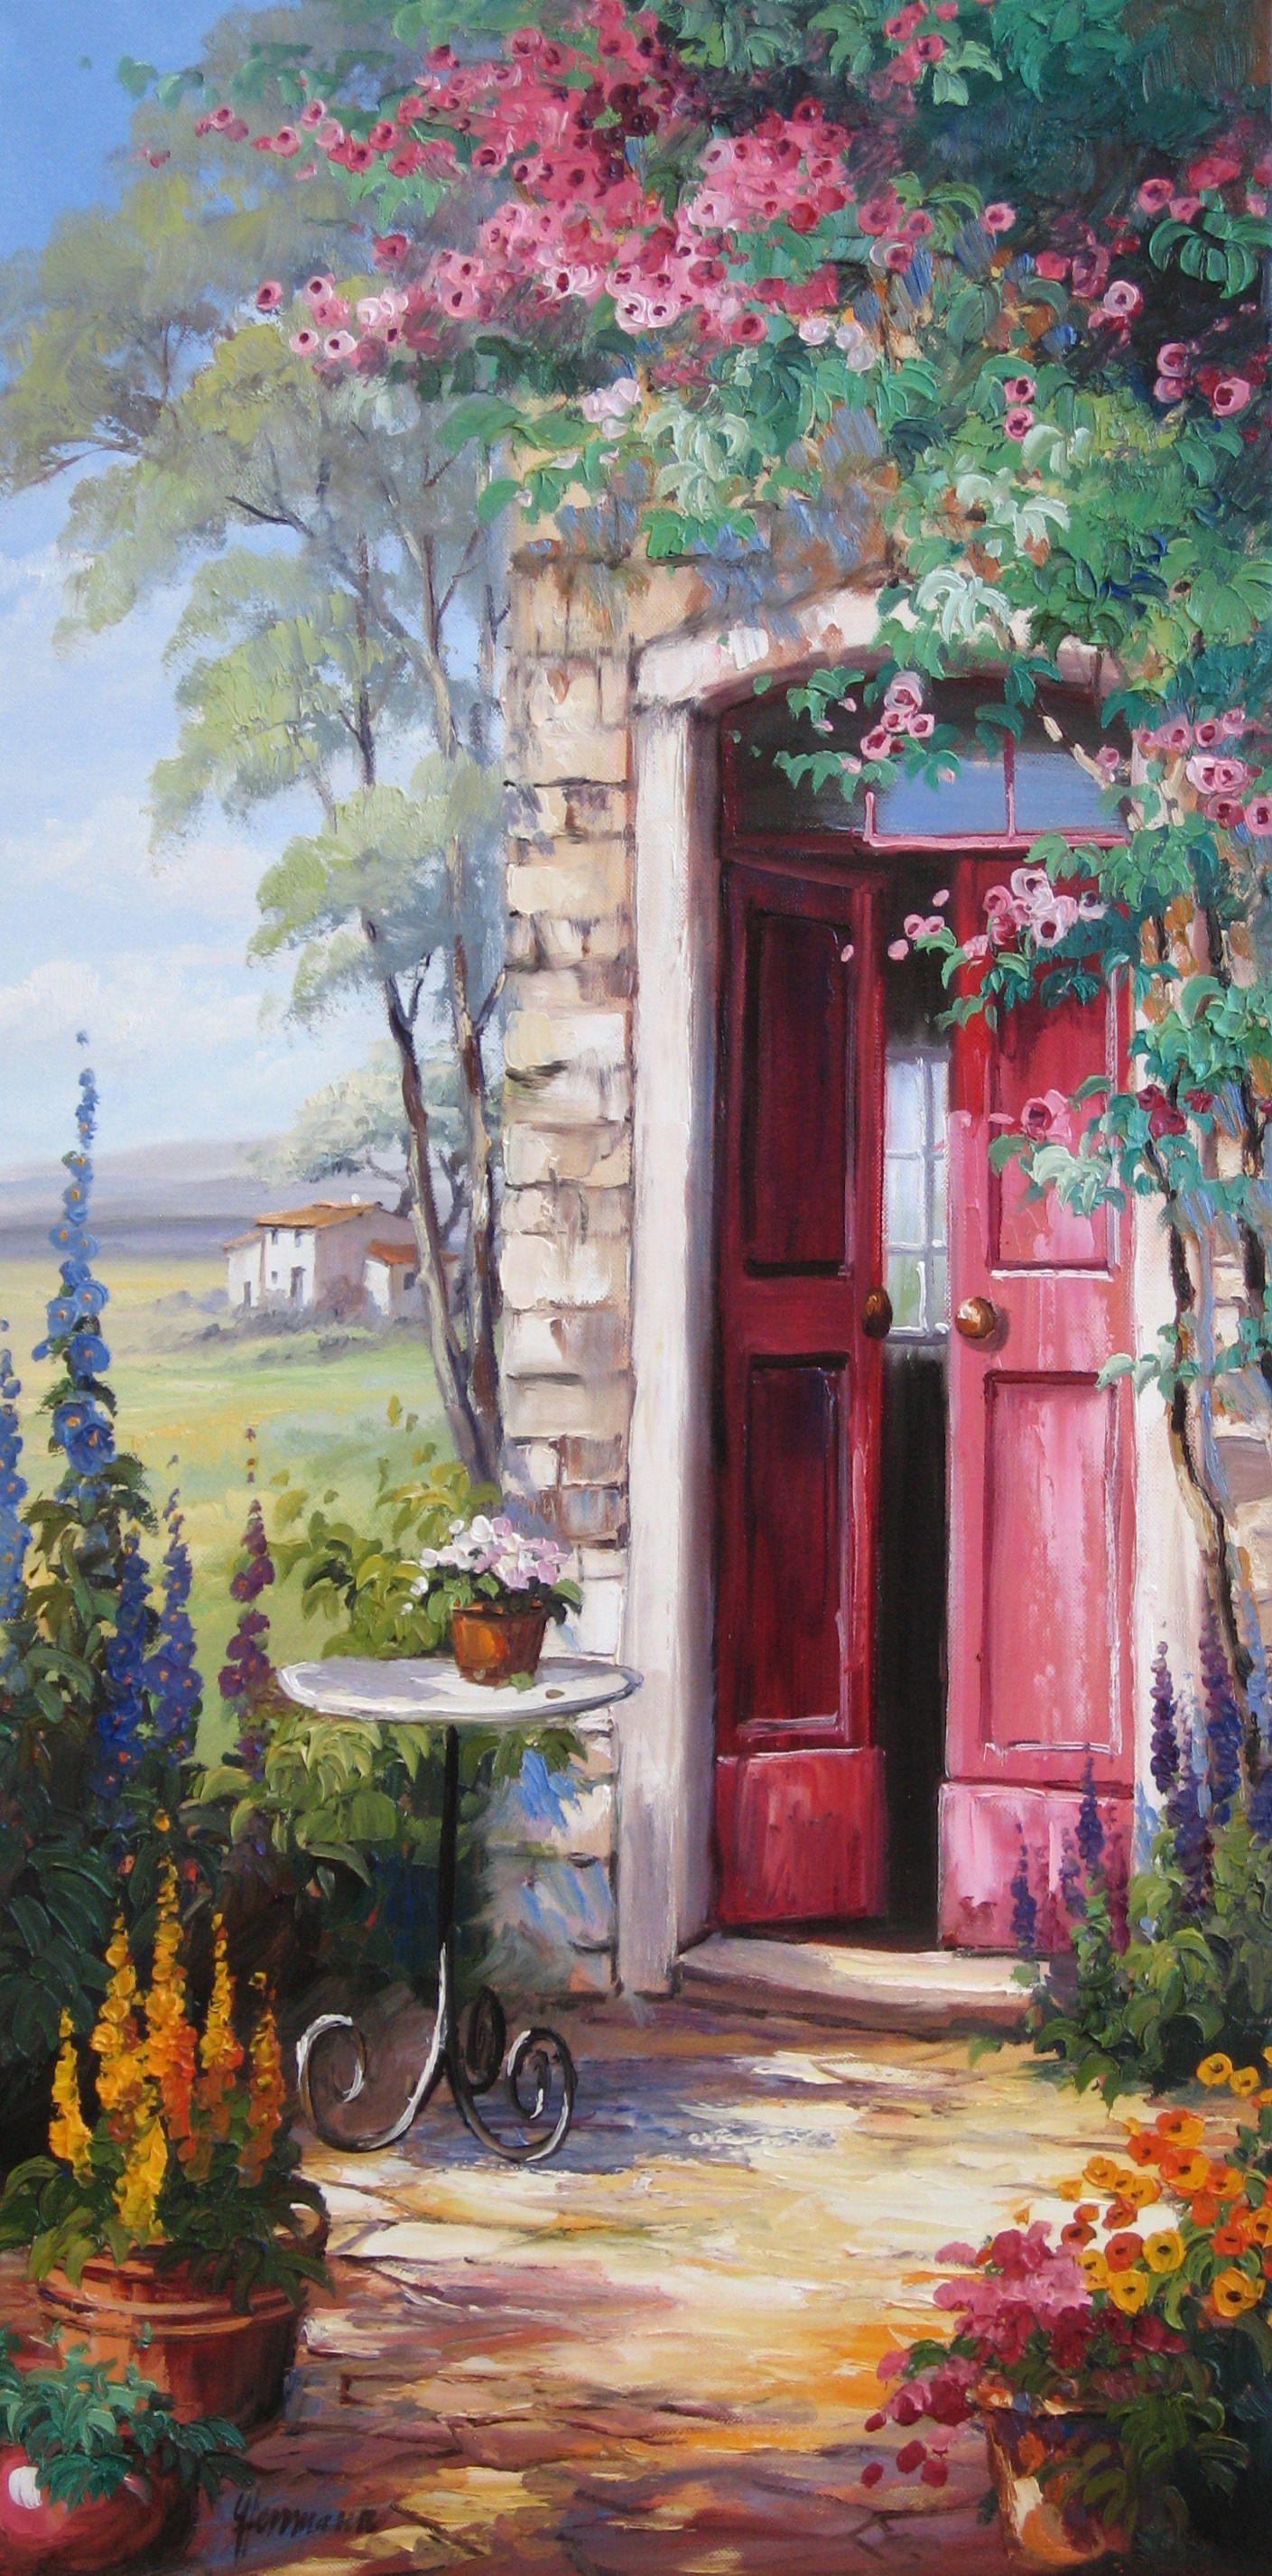 Eine rote Tür, von romantischen Rosen umrankt gibt nebenan den Blick ...